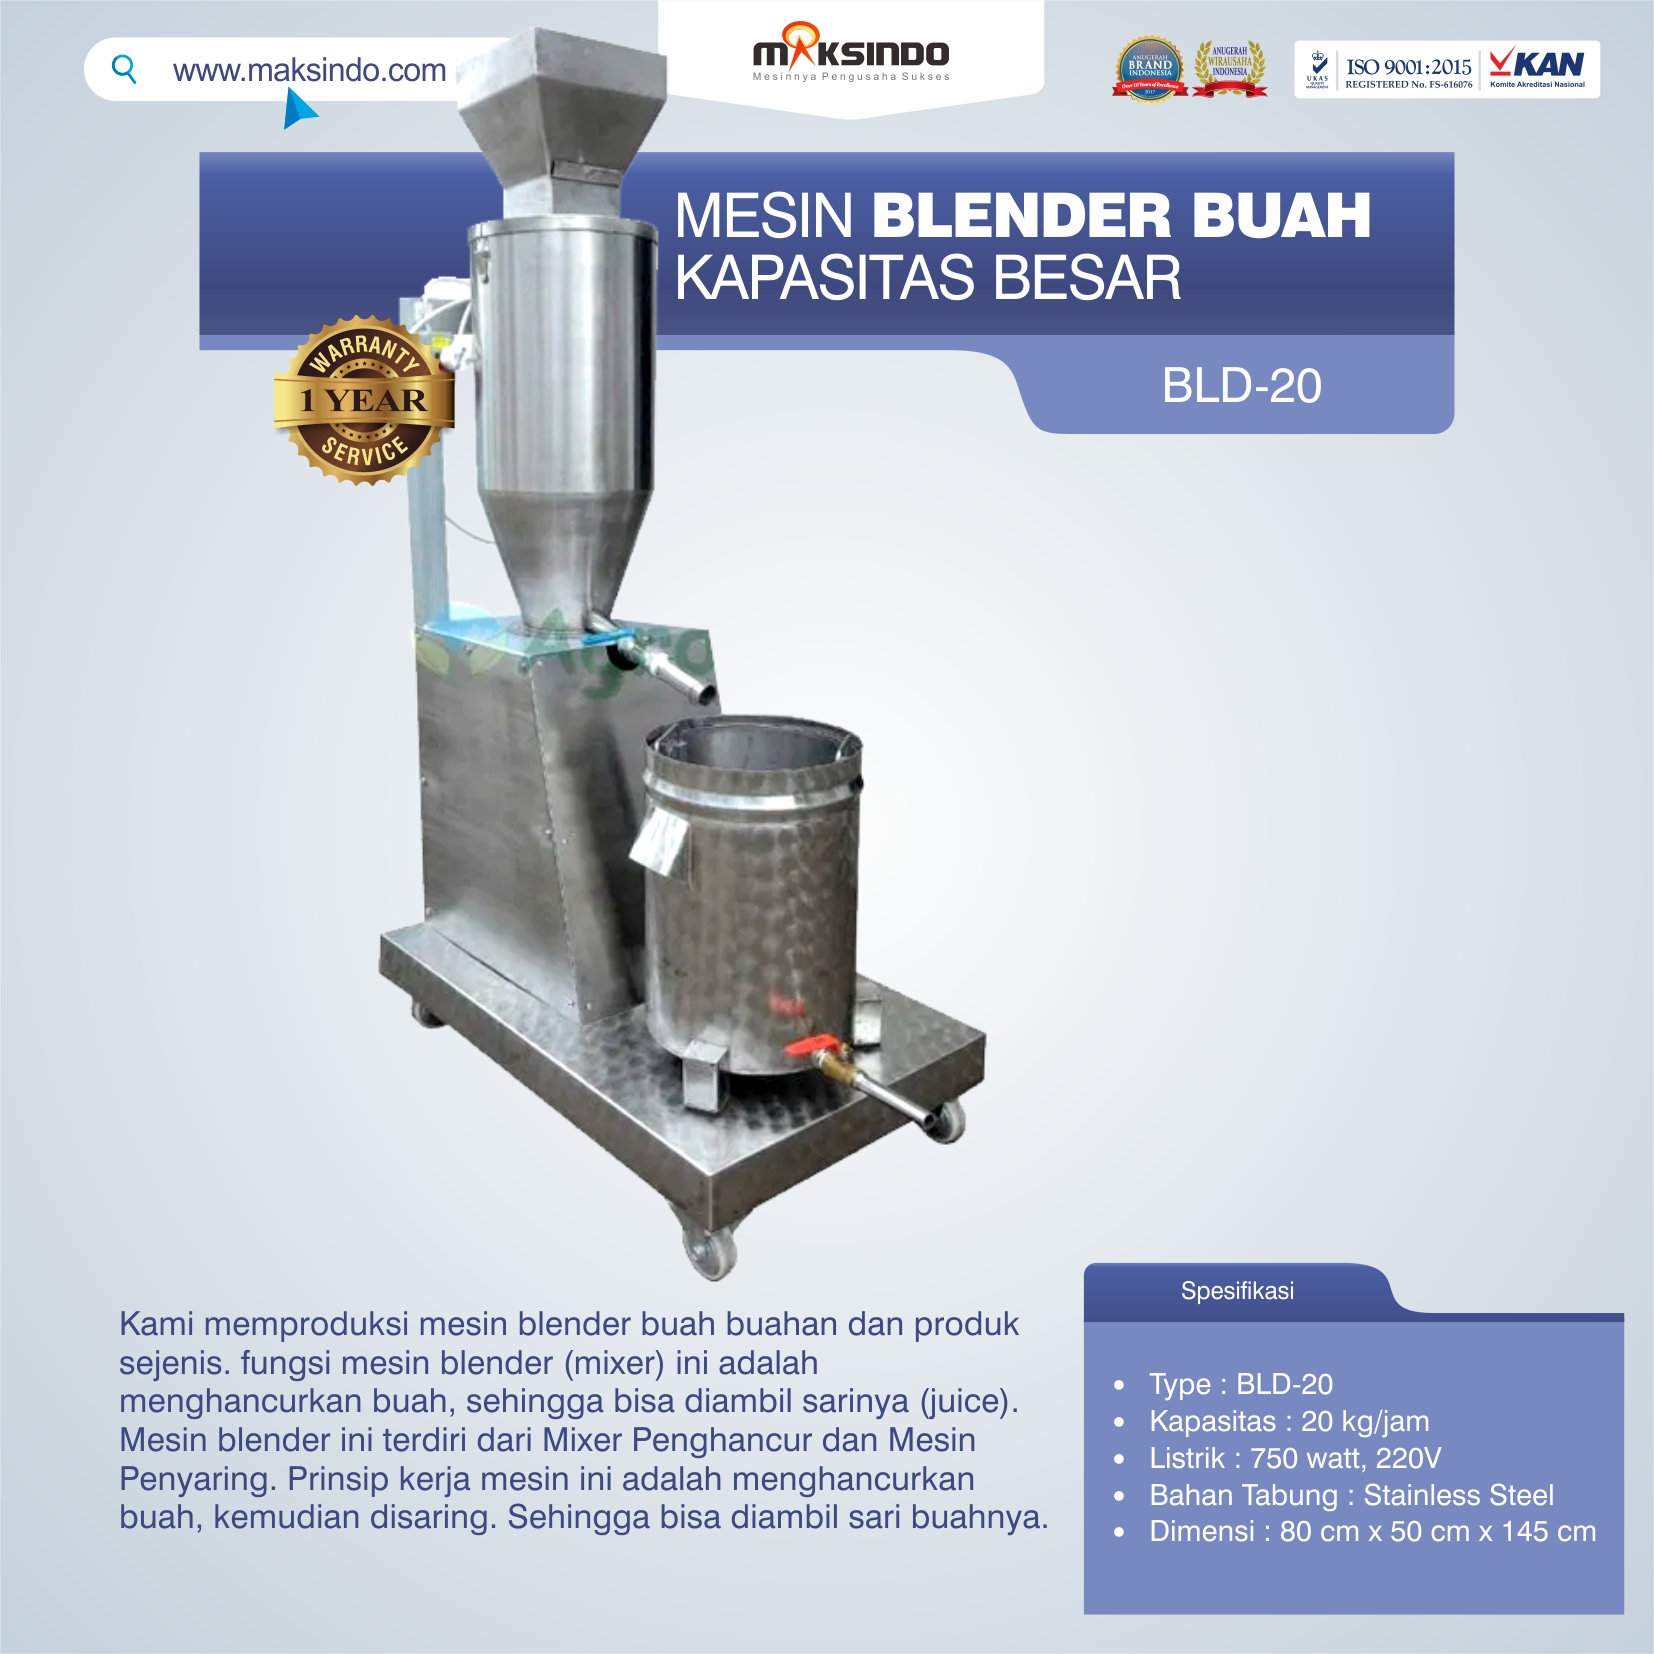 Jual Mesin Blender Buah Kapasitas Besar BLD-20 di Medan